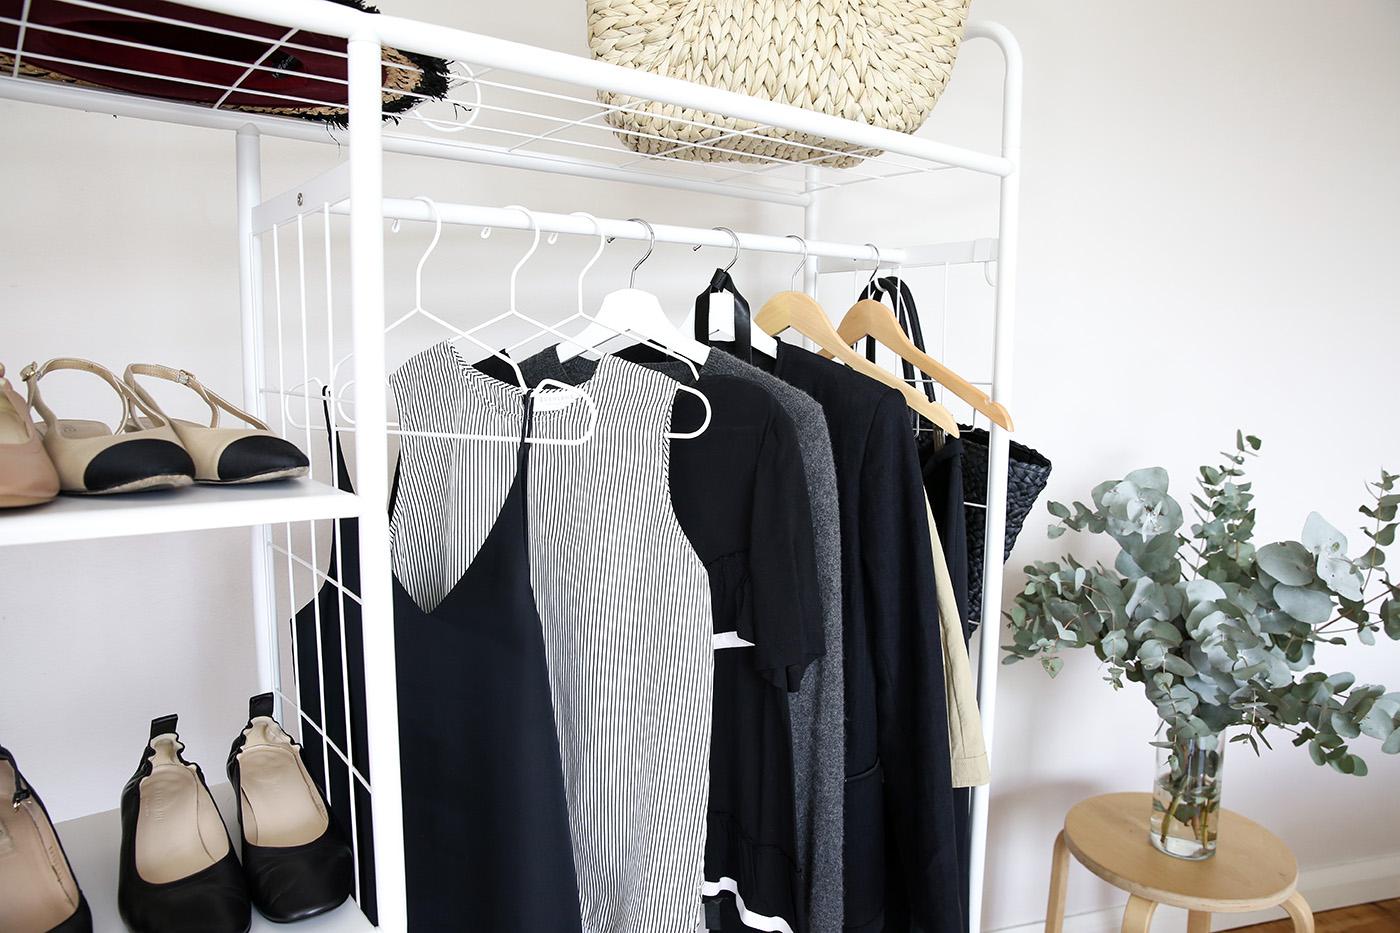 autumn workwear essentials